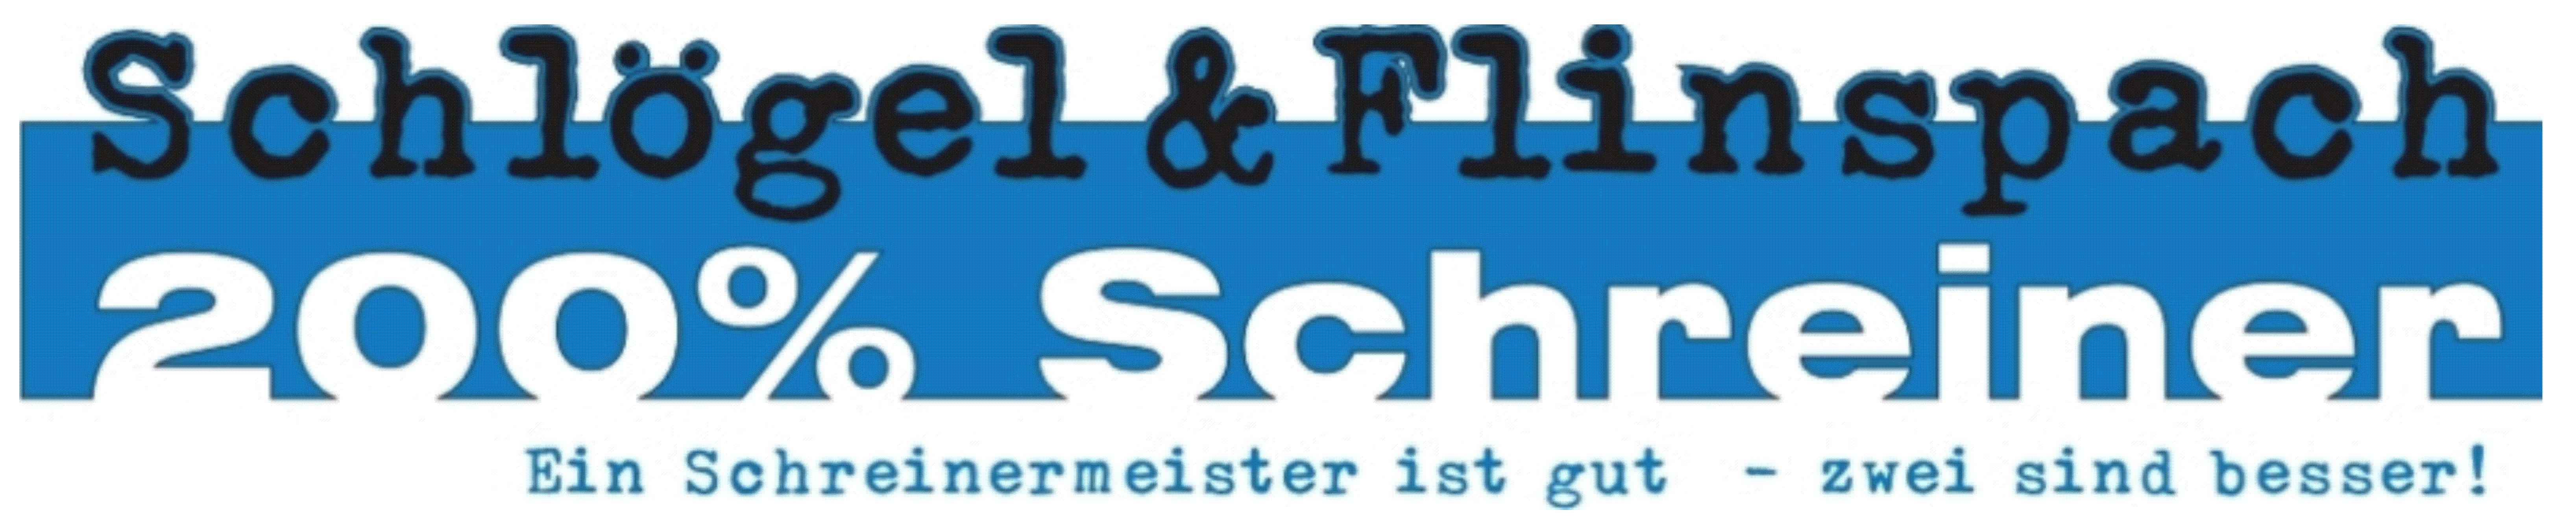 Schreinerei Schlögel und Flinspach GmbH